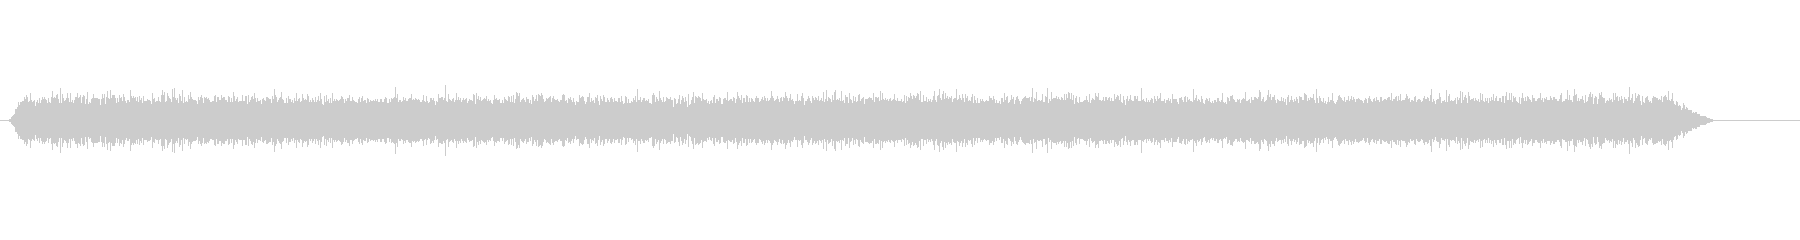 トーチ-楽器の未再生の波形